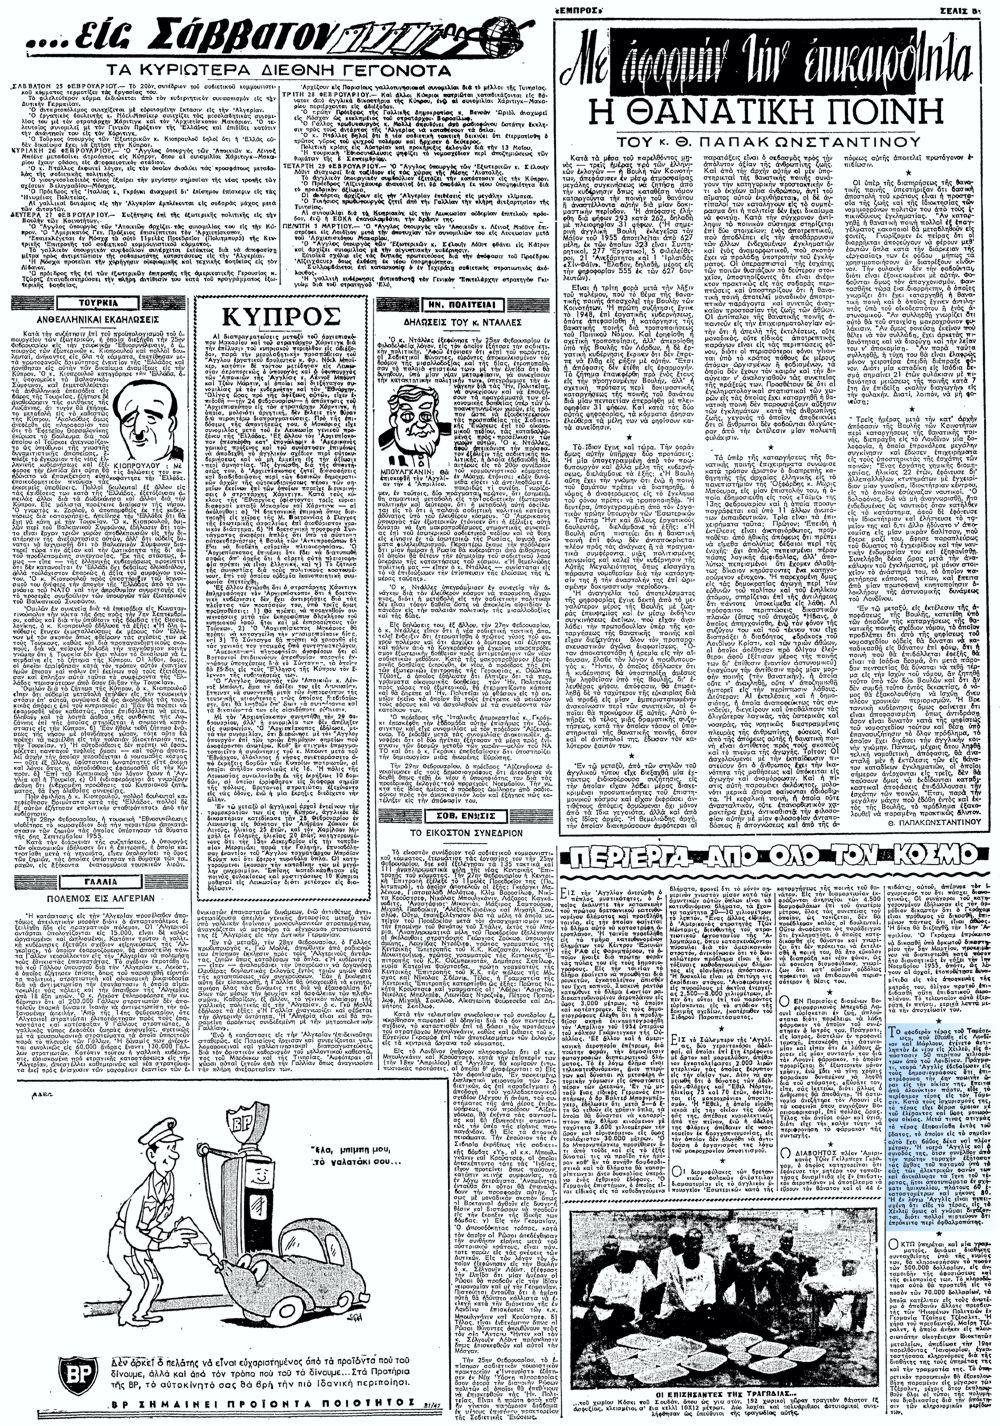 """Το άρθρο, όπως δημοσιεύθηκε στην εφημερίδα """"ΕΜΠΡΟΣ"""", στις 03/03/1956"""